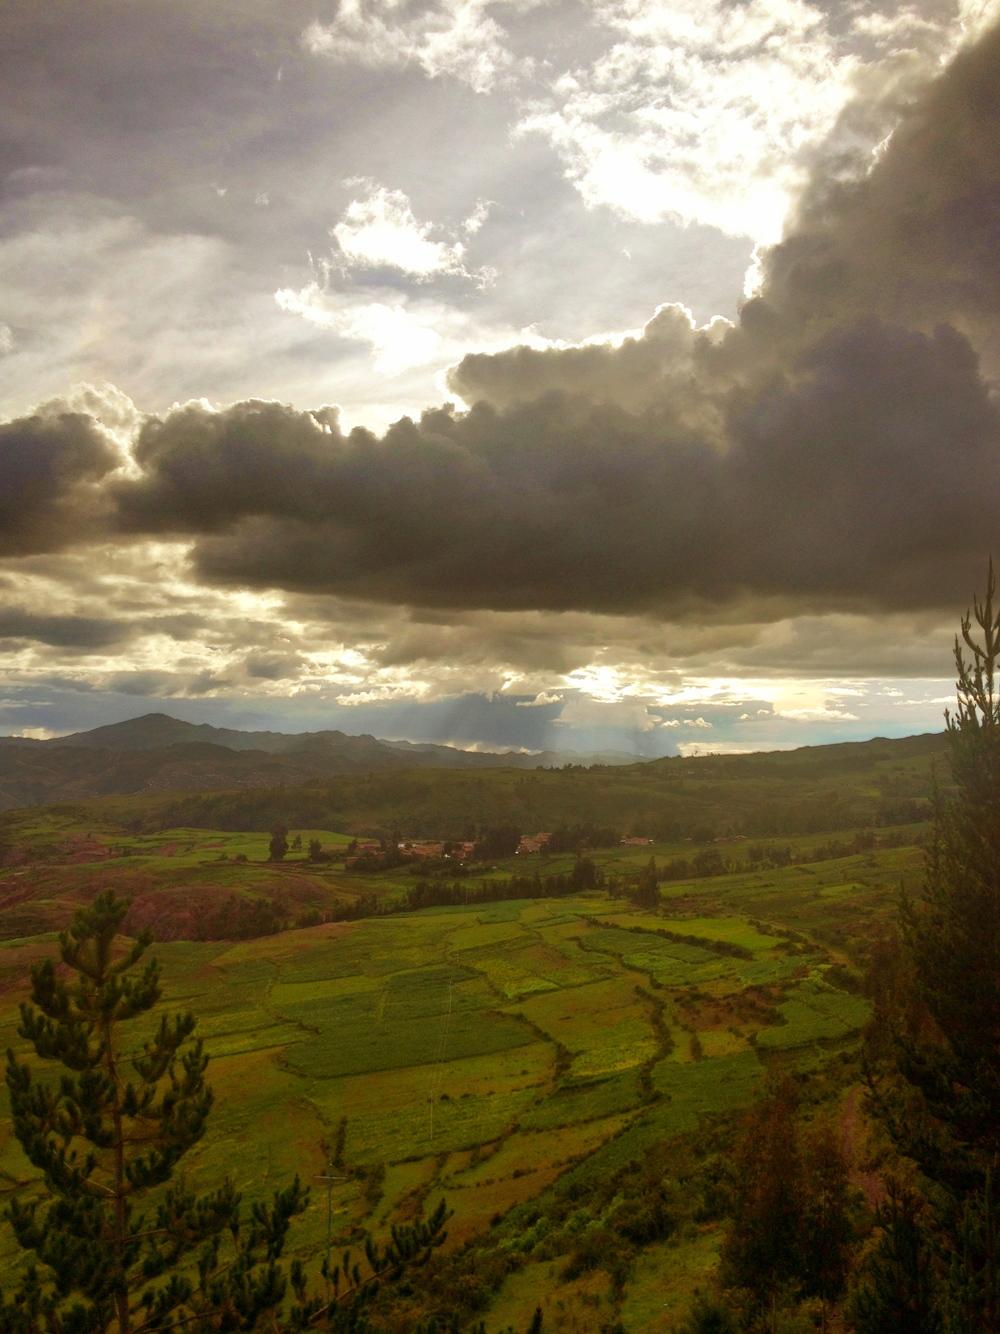 photograph : Chloë Rain Cusco, Peru 2013